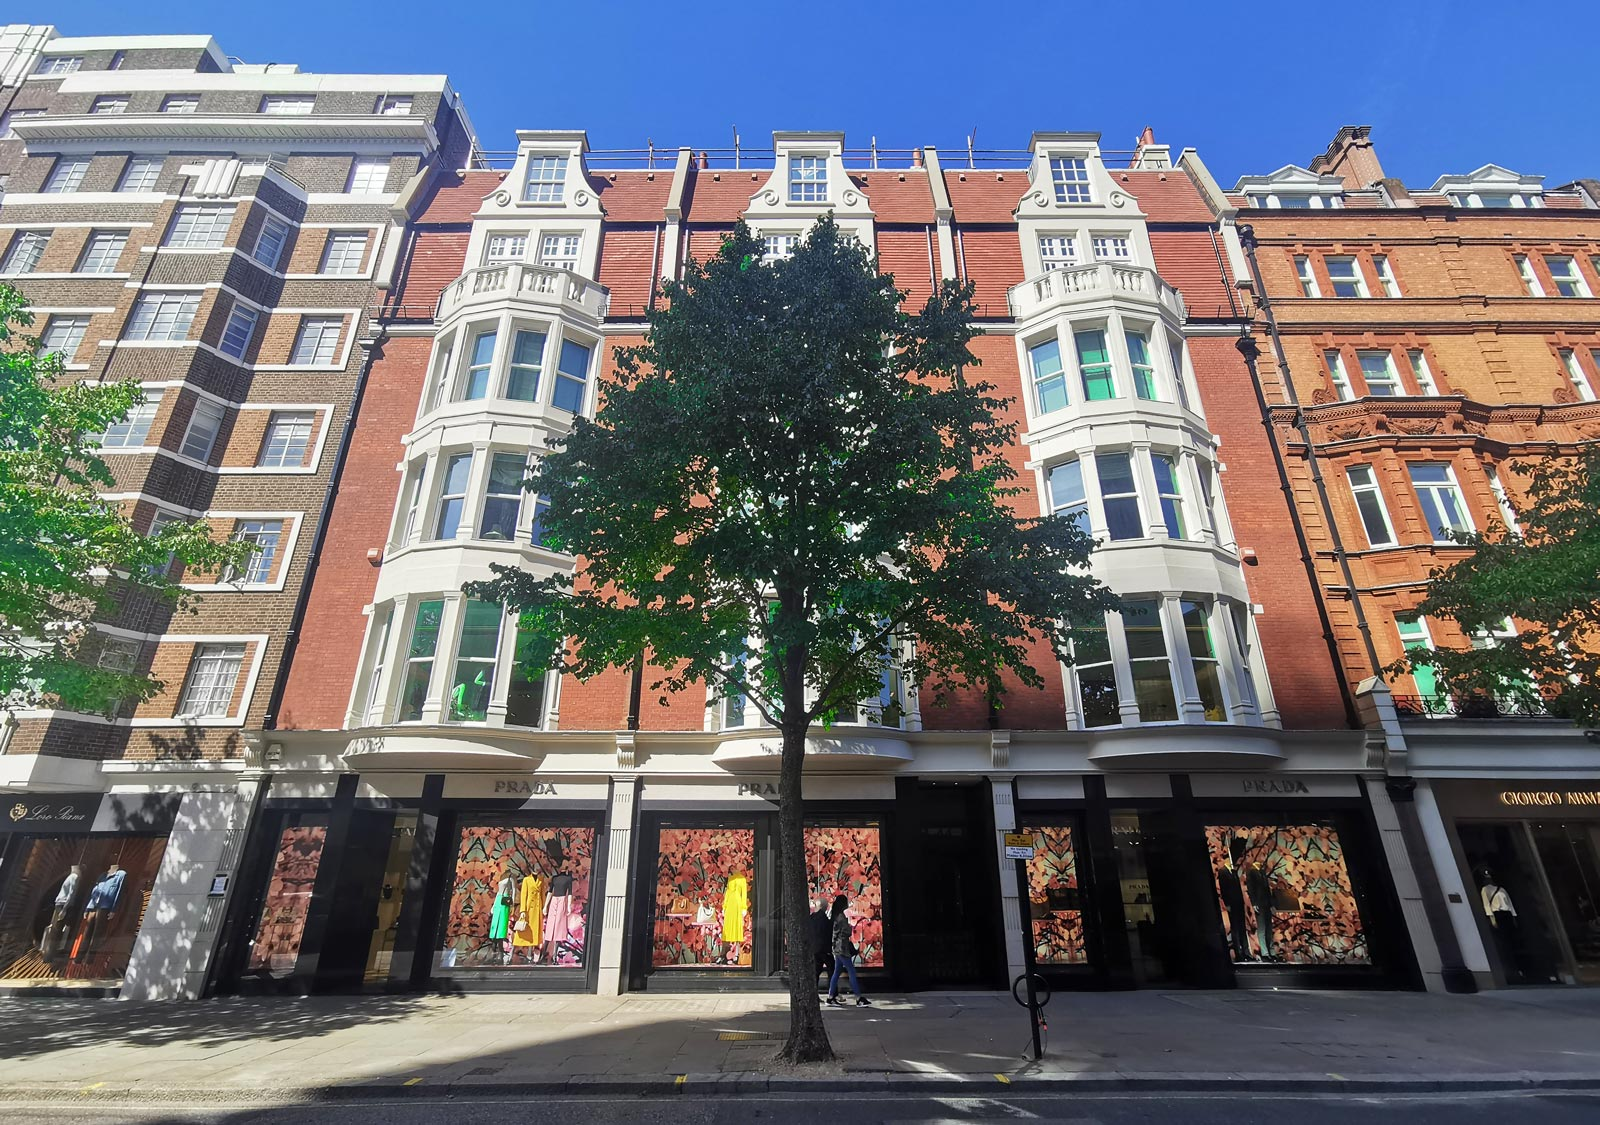 MFG Retail Shop Building Surveyors Central London